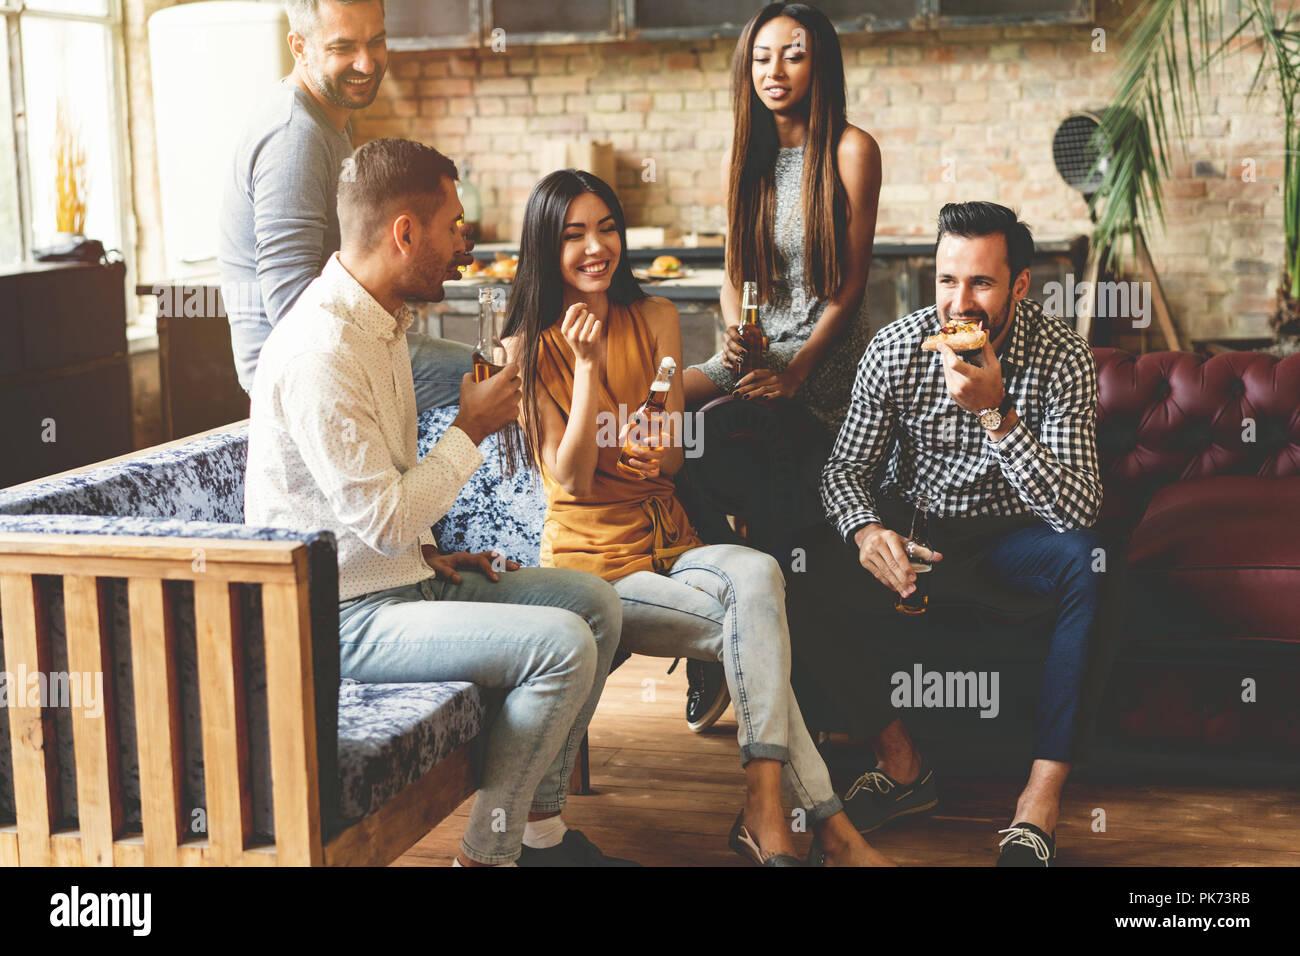 Passer du bon temps avec ses meilleurs amis. Groupe des jeunes gaies jouissant de la nourriture et des boissons tout en dépensant temps agréable dans cofortable des chaises sur la cuisine ensemble. Photo Stock